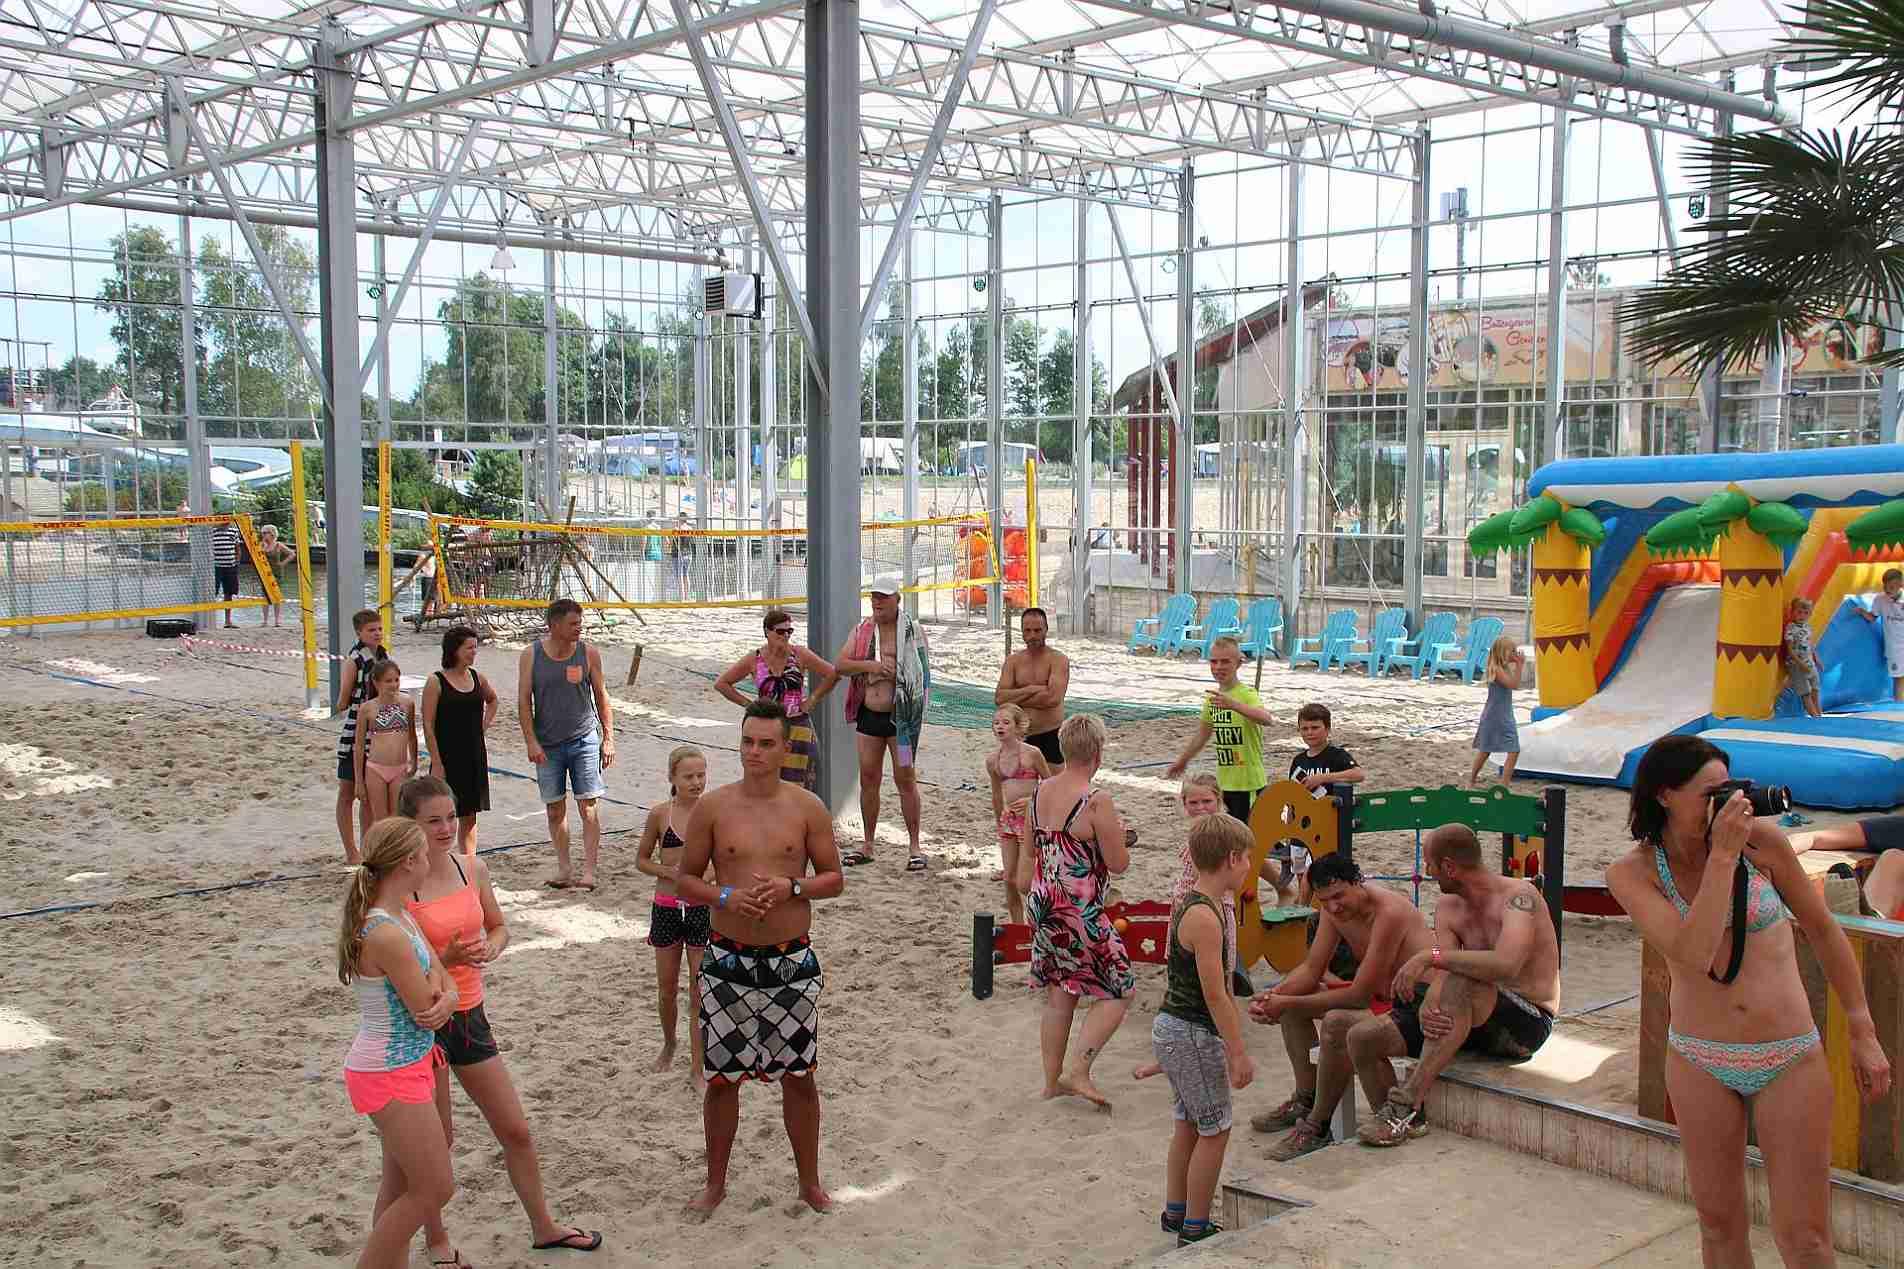 Familieweekend kamperen in Overijssel - familieweekend kamperen in Overijssel